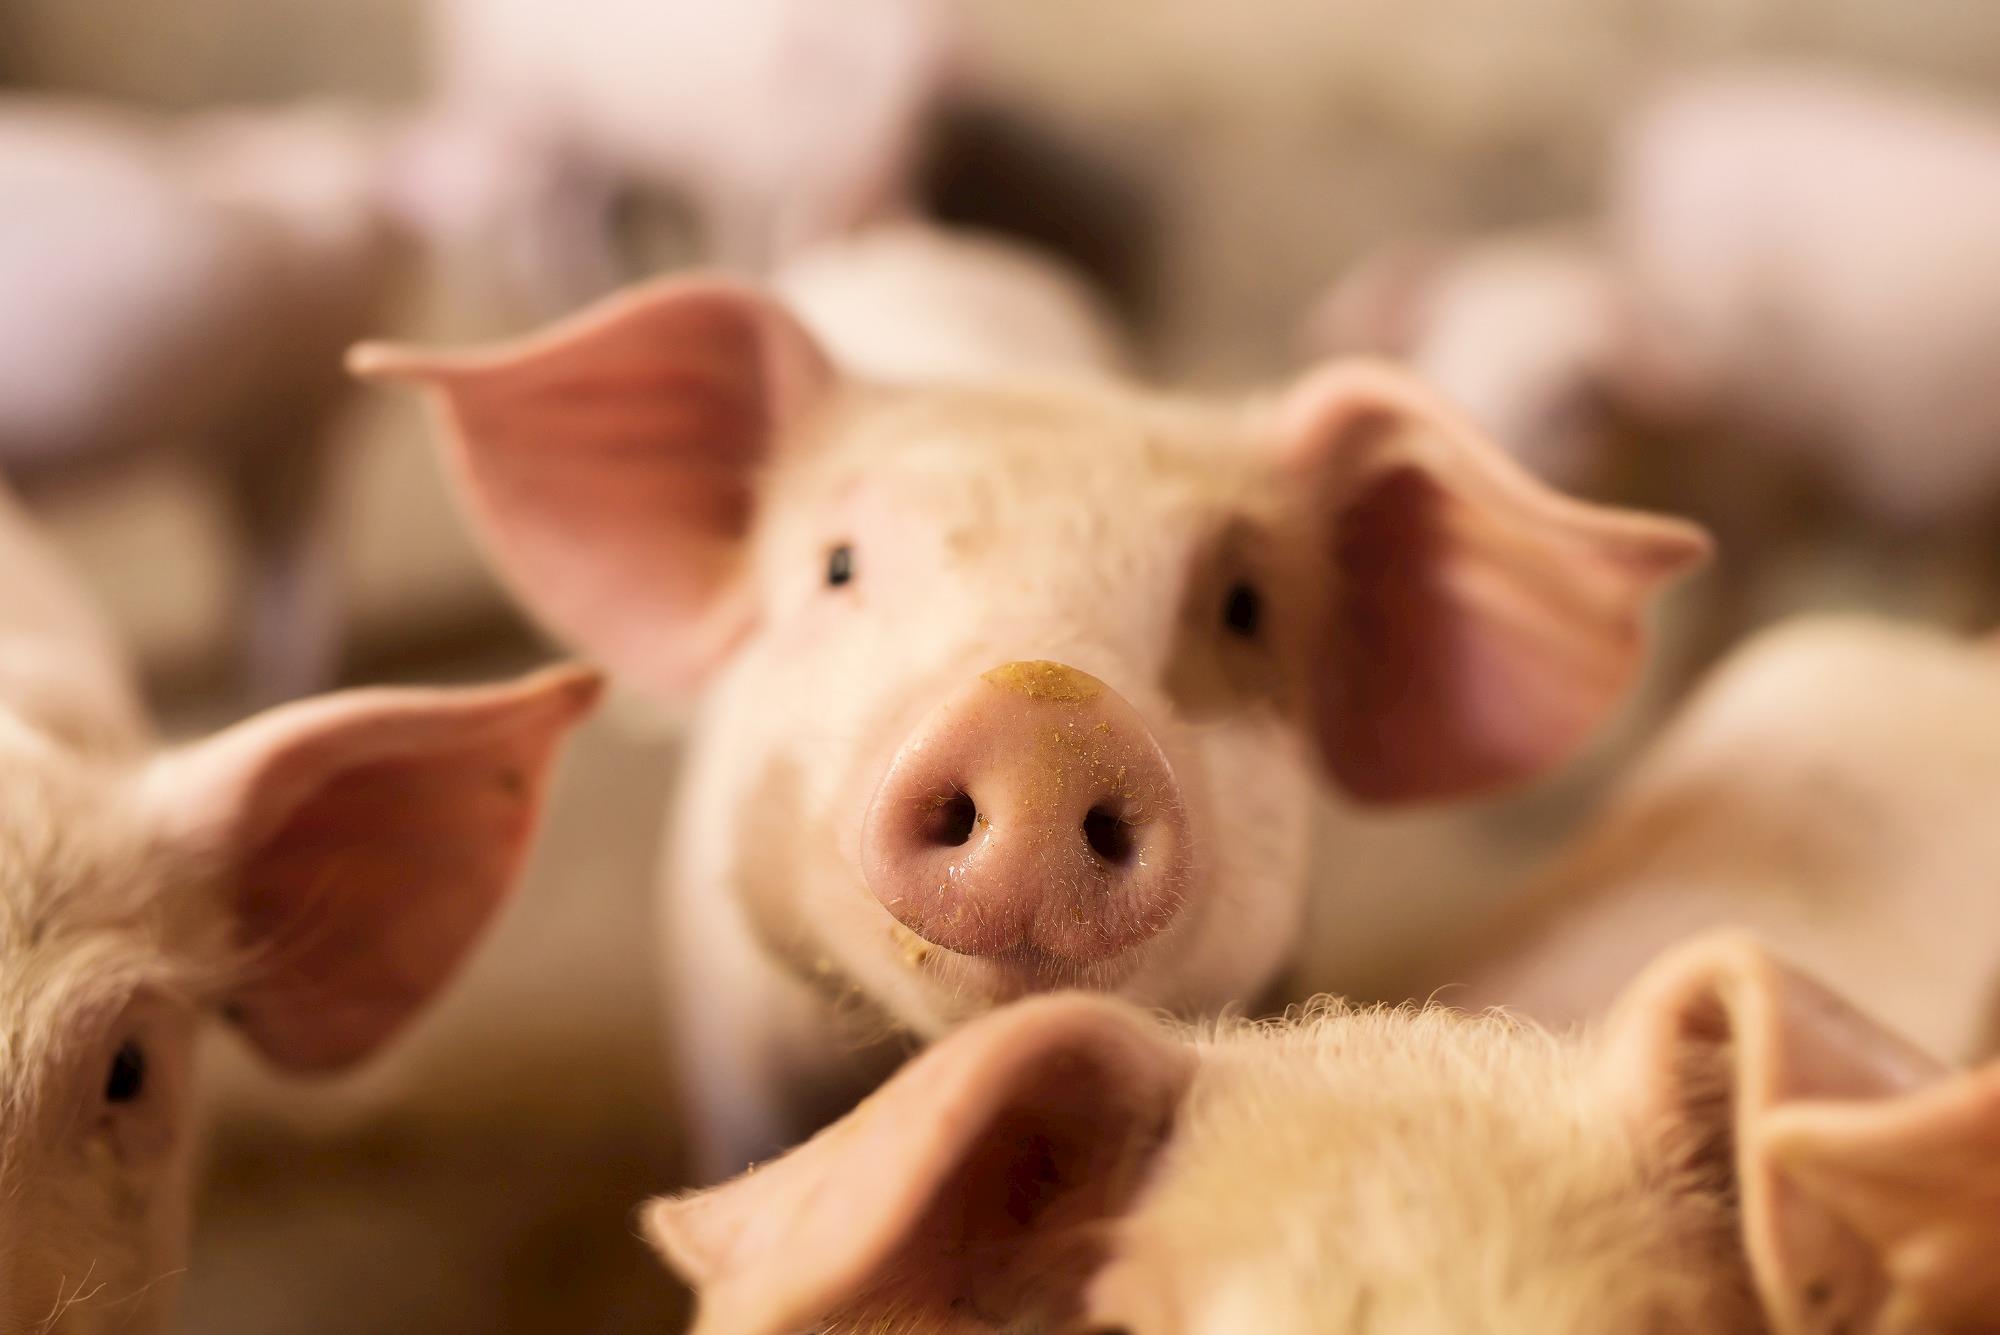 Biosseguridade na indústria suína: investimento com alto retorno financeiro